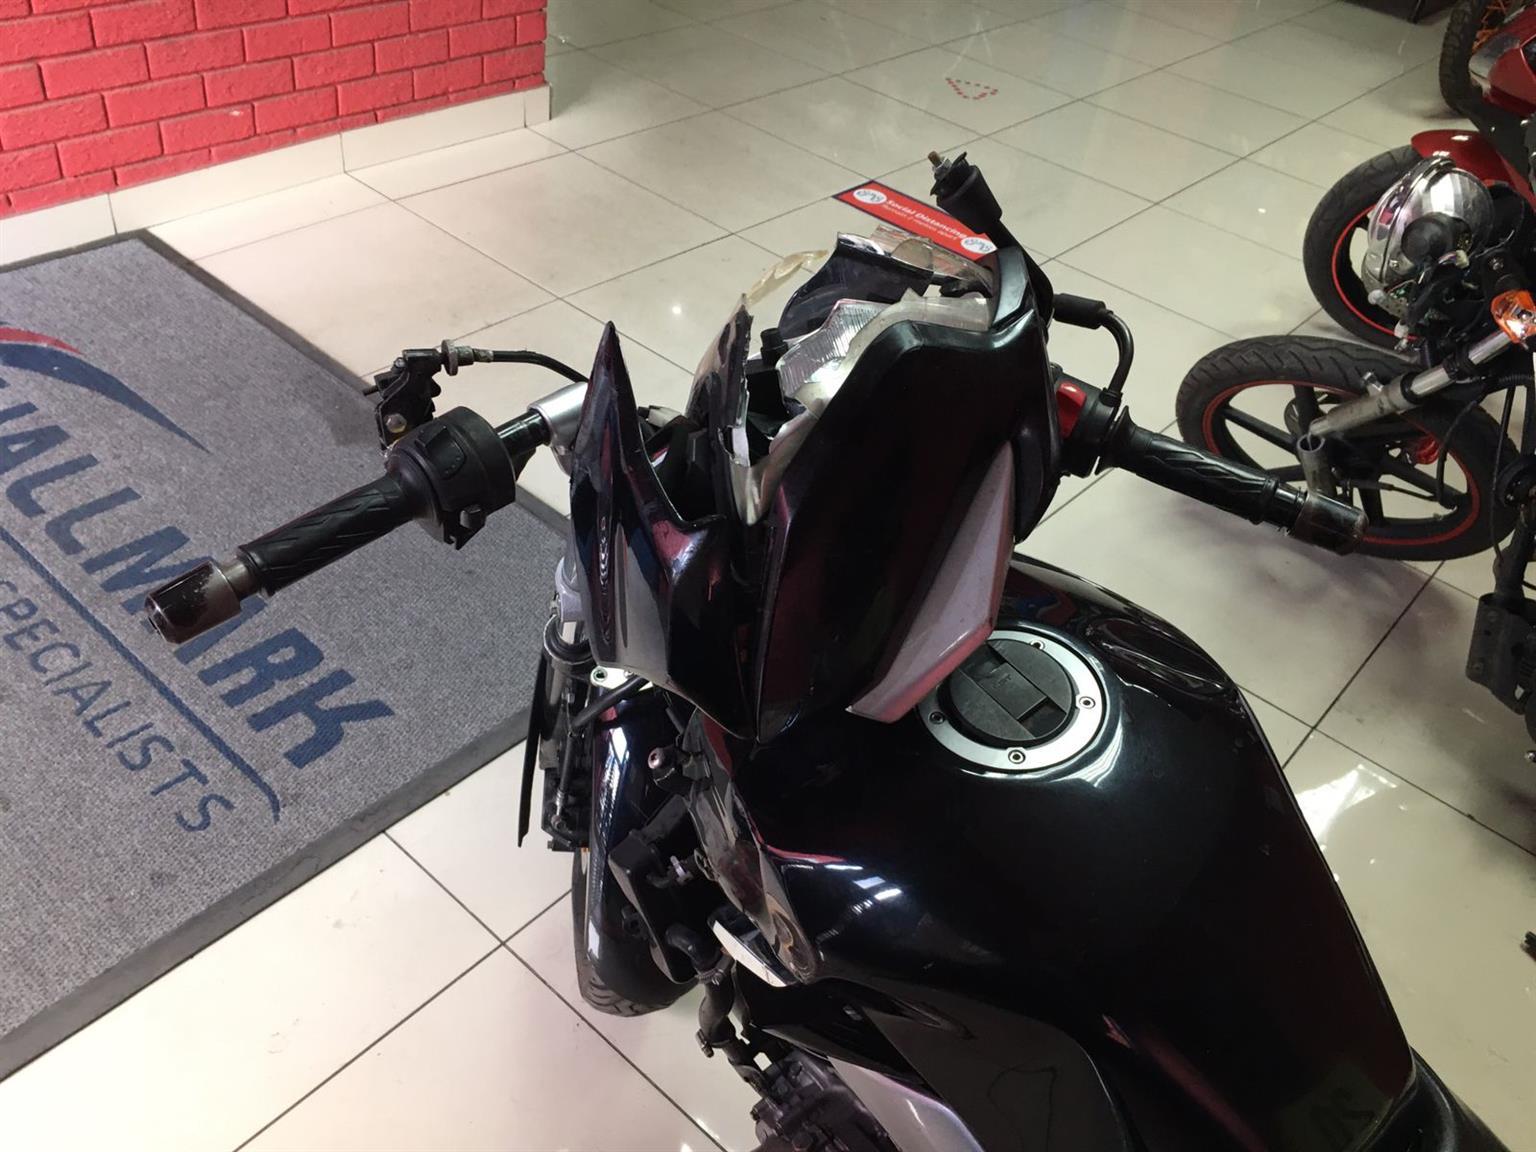 Accident damaged Suzuki GW250 for sale